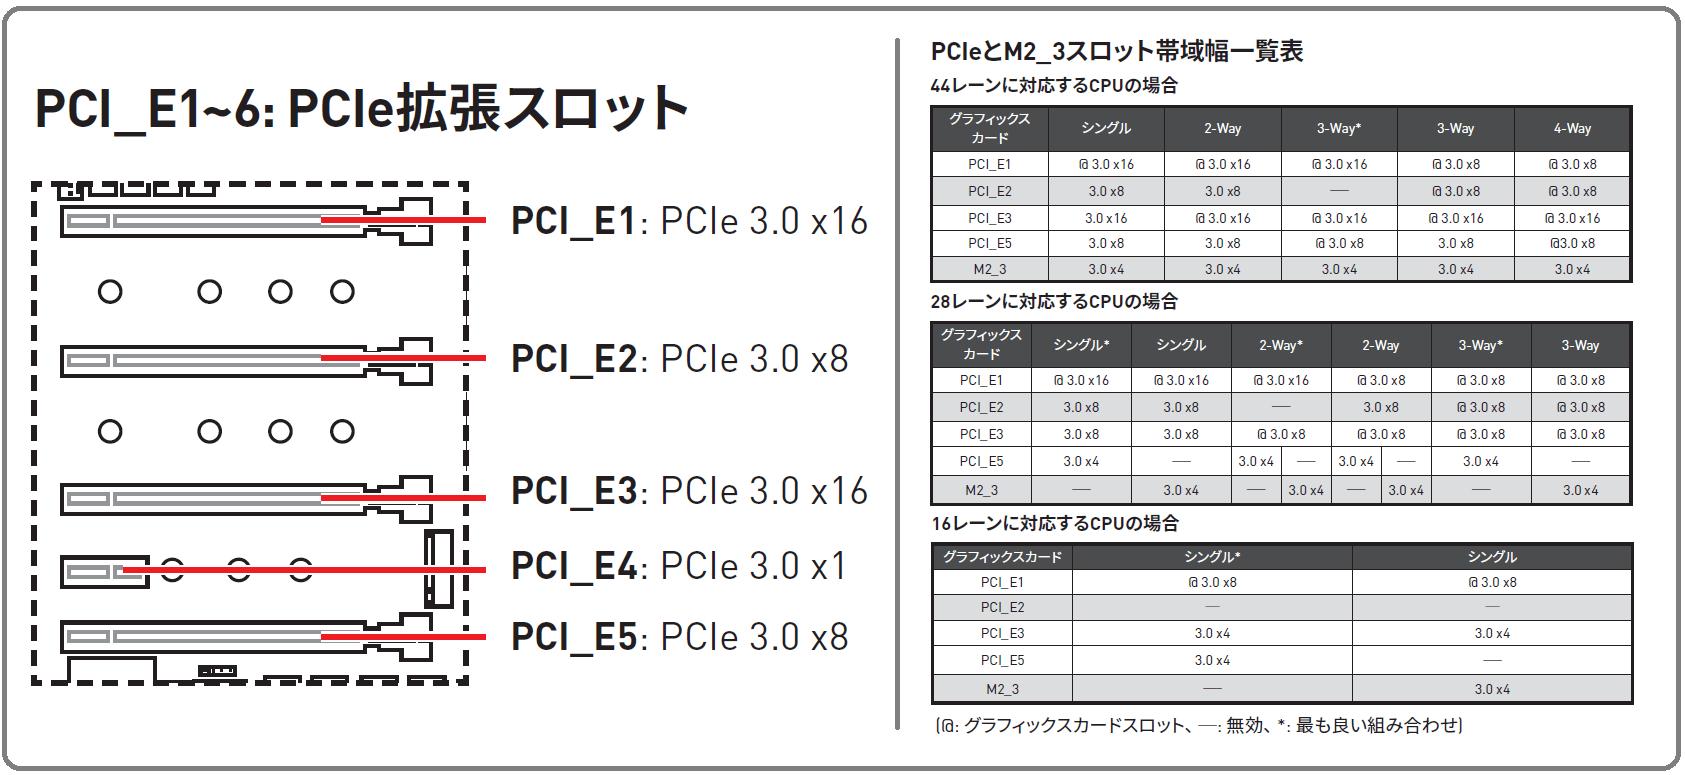 MSI X299 XPOWER GAMING AC_PCI-E